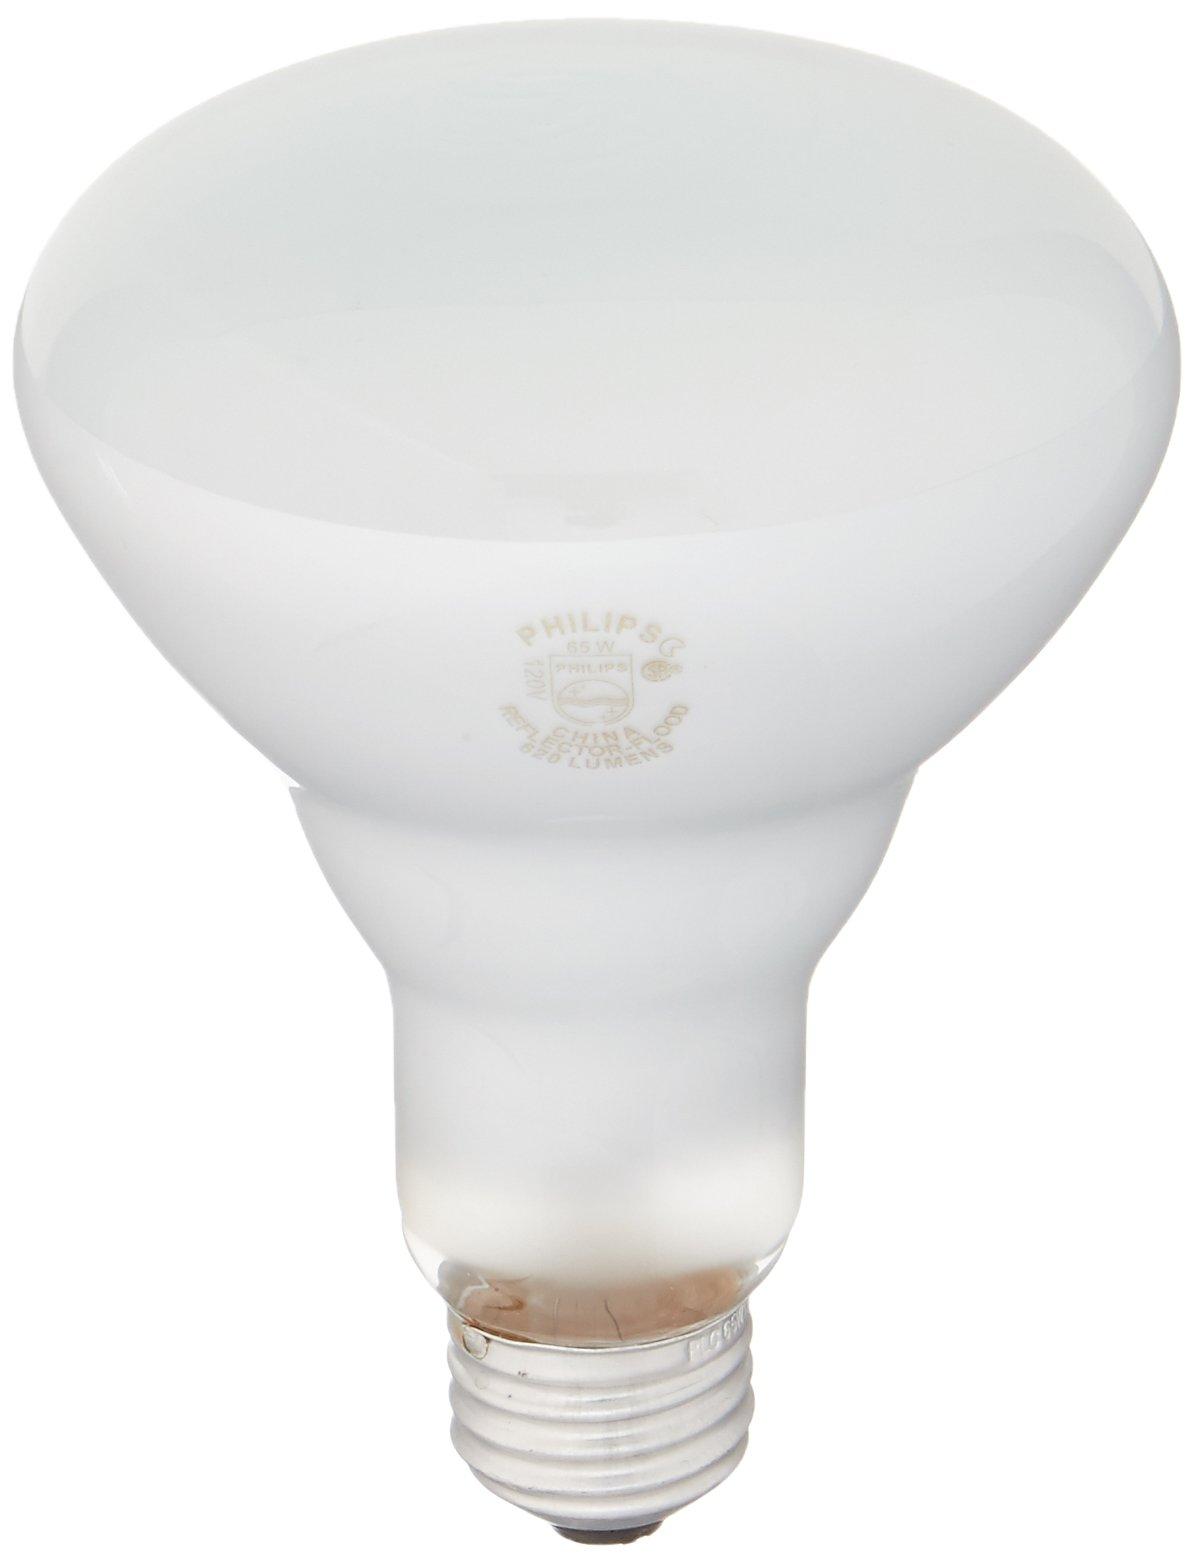 Philips 248872 Soft White 65-Watt BR30 Indoor Flood Light Bulb, 12-Pack